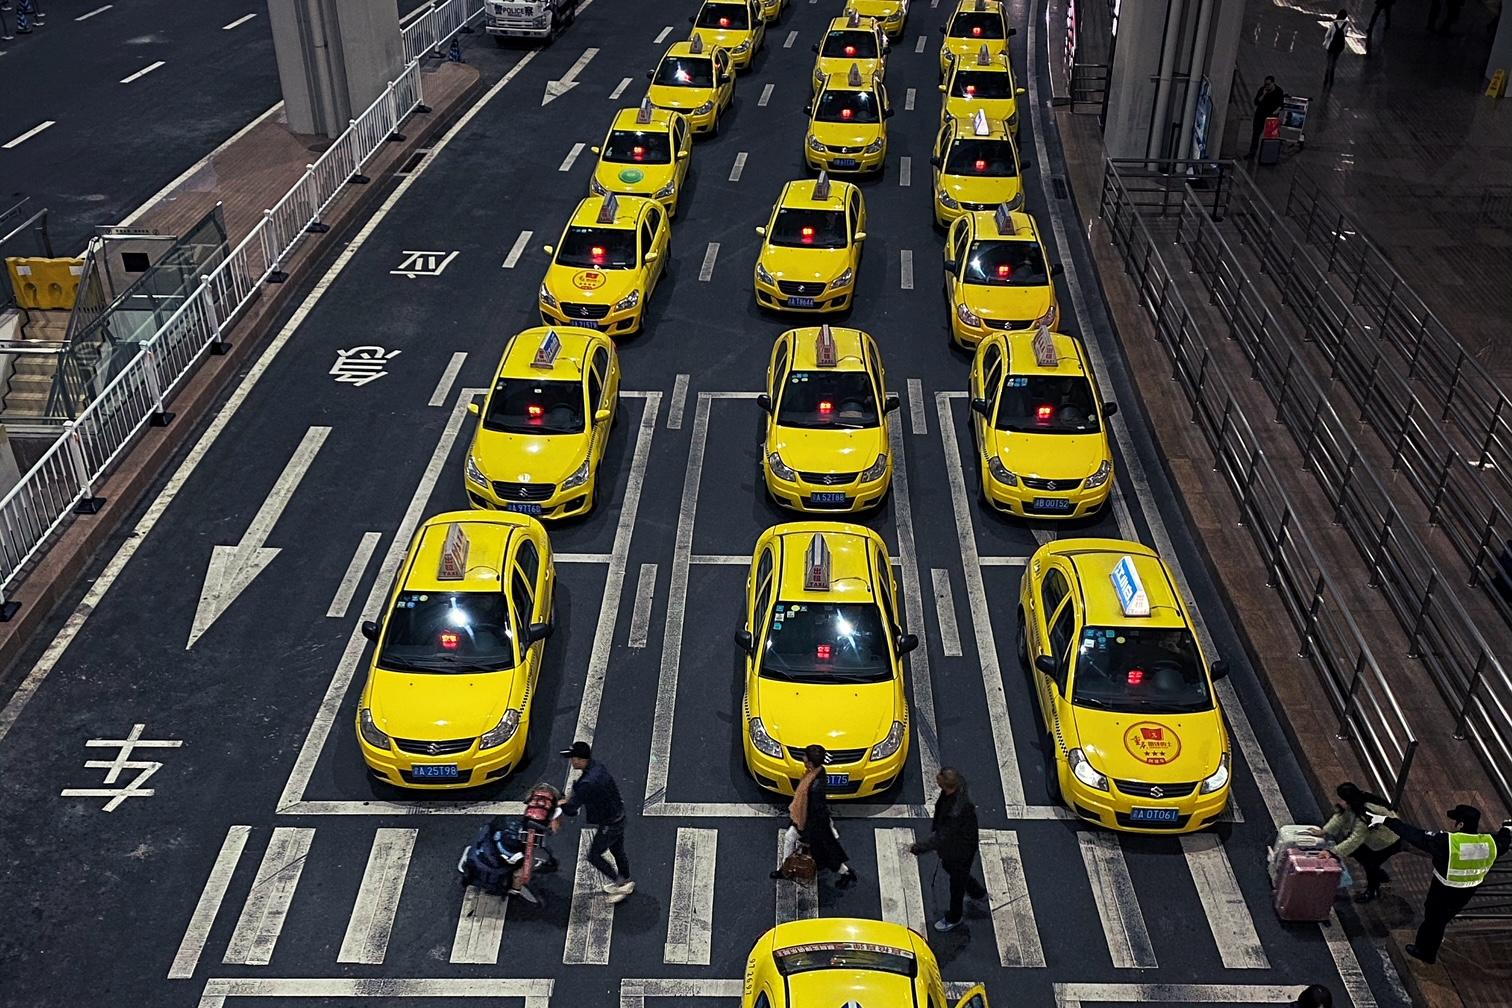 《电动汽车往事:诞生更早, 却被后起的内燃机汽车淘汰》归根结底,如果电池技术没有革命性突破,电动汽车恐怕行之不远。图为重庆机场外排队等候客人的燃油出租车。